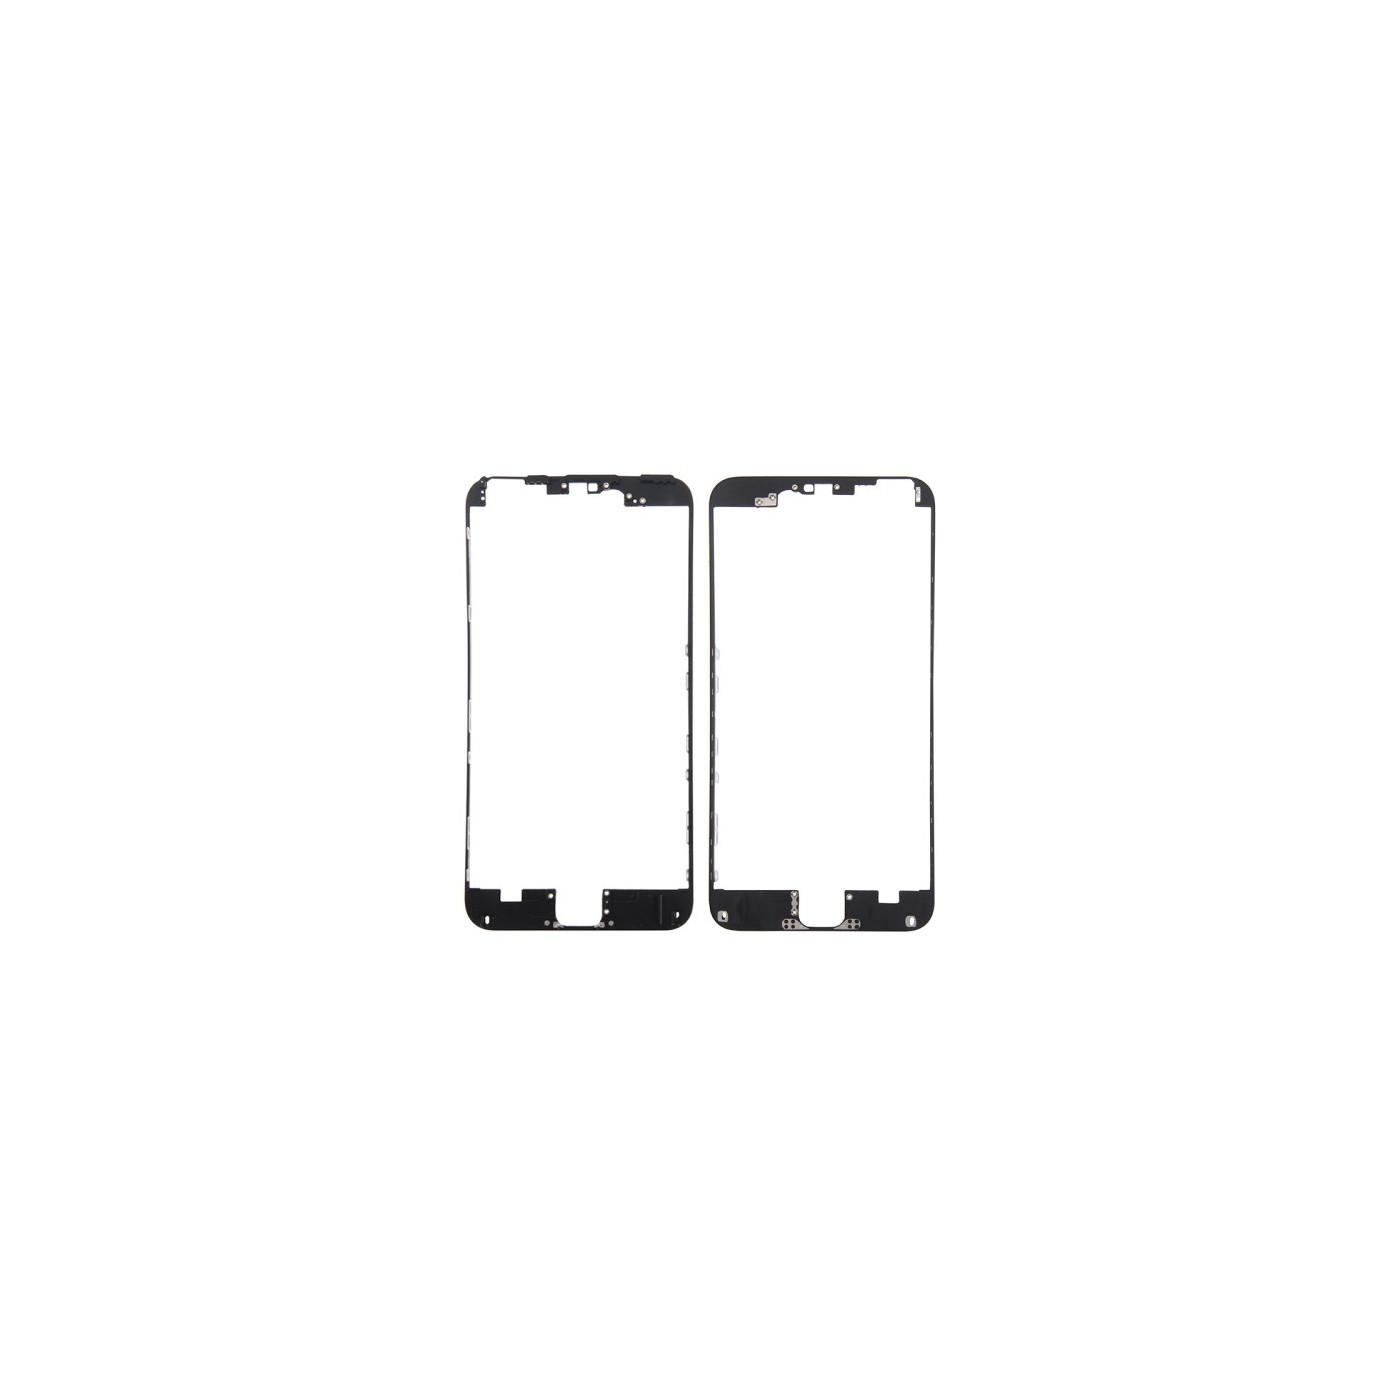 LCD-Rahmen Digitizer Rahmen für iPhone 6s Plus schwarz